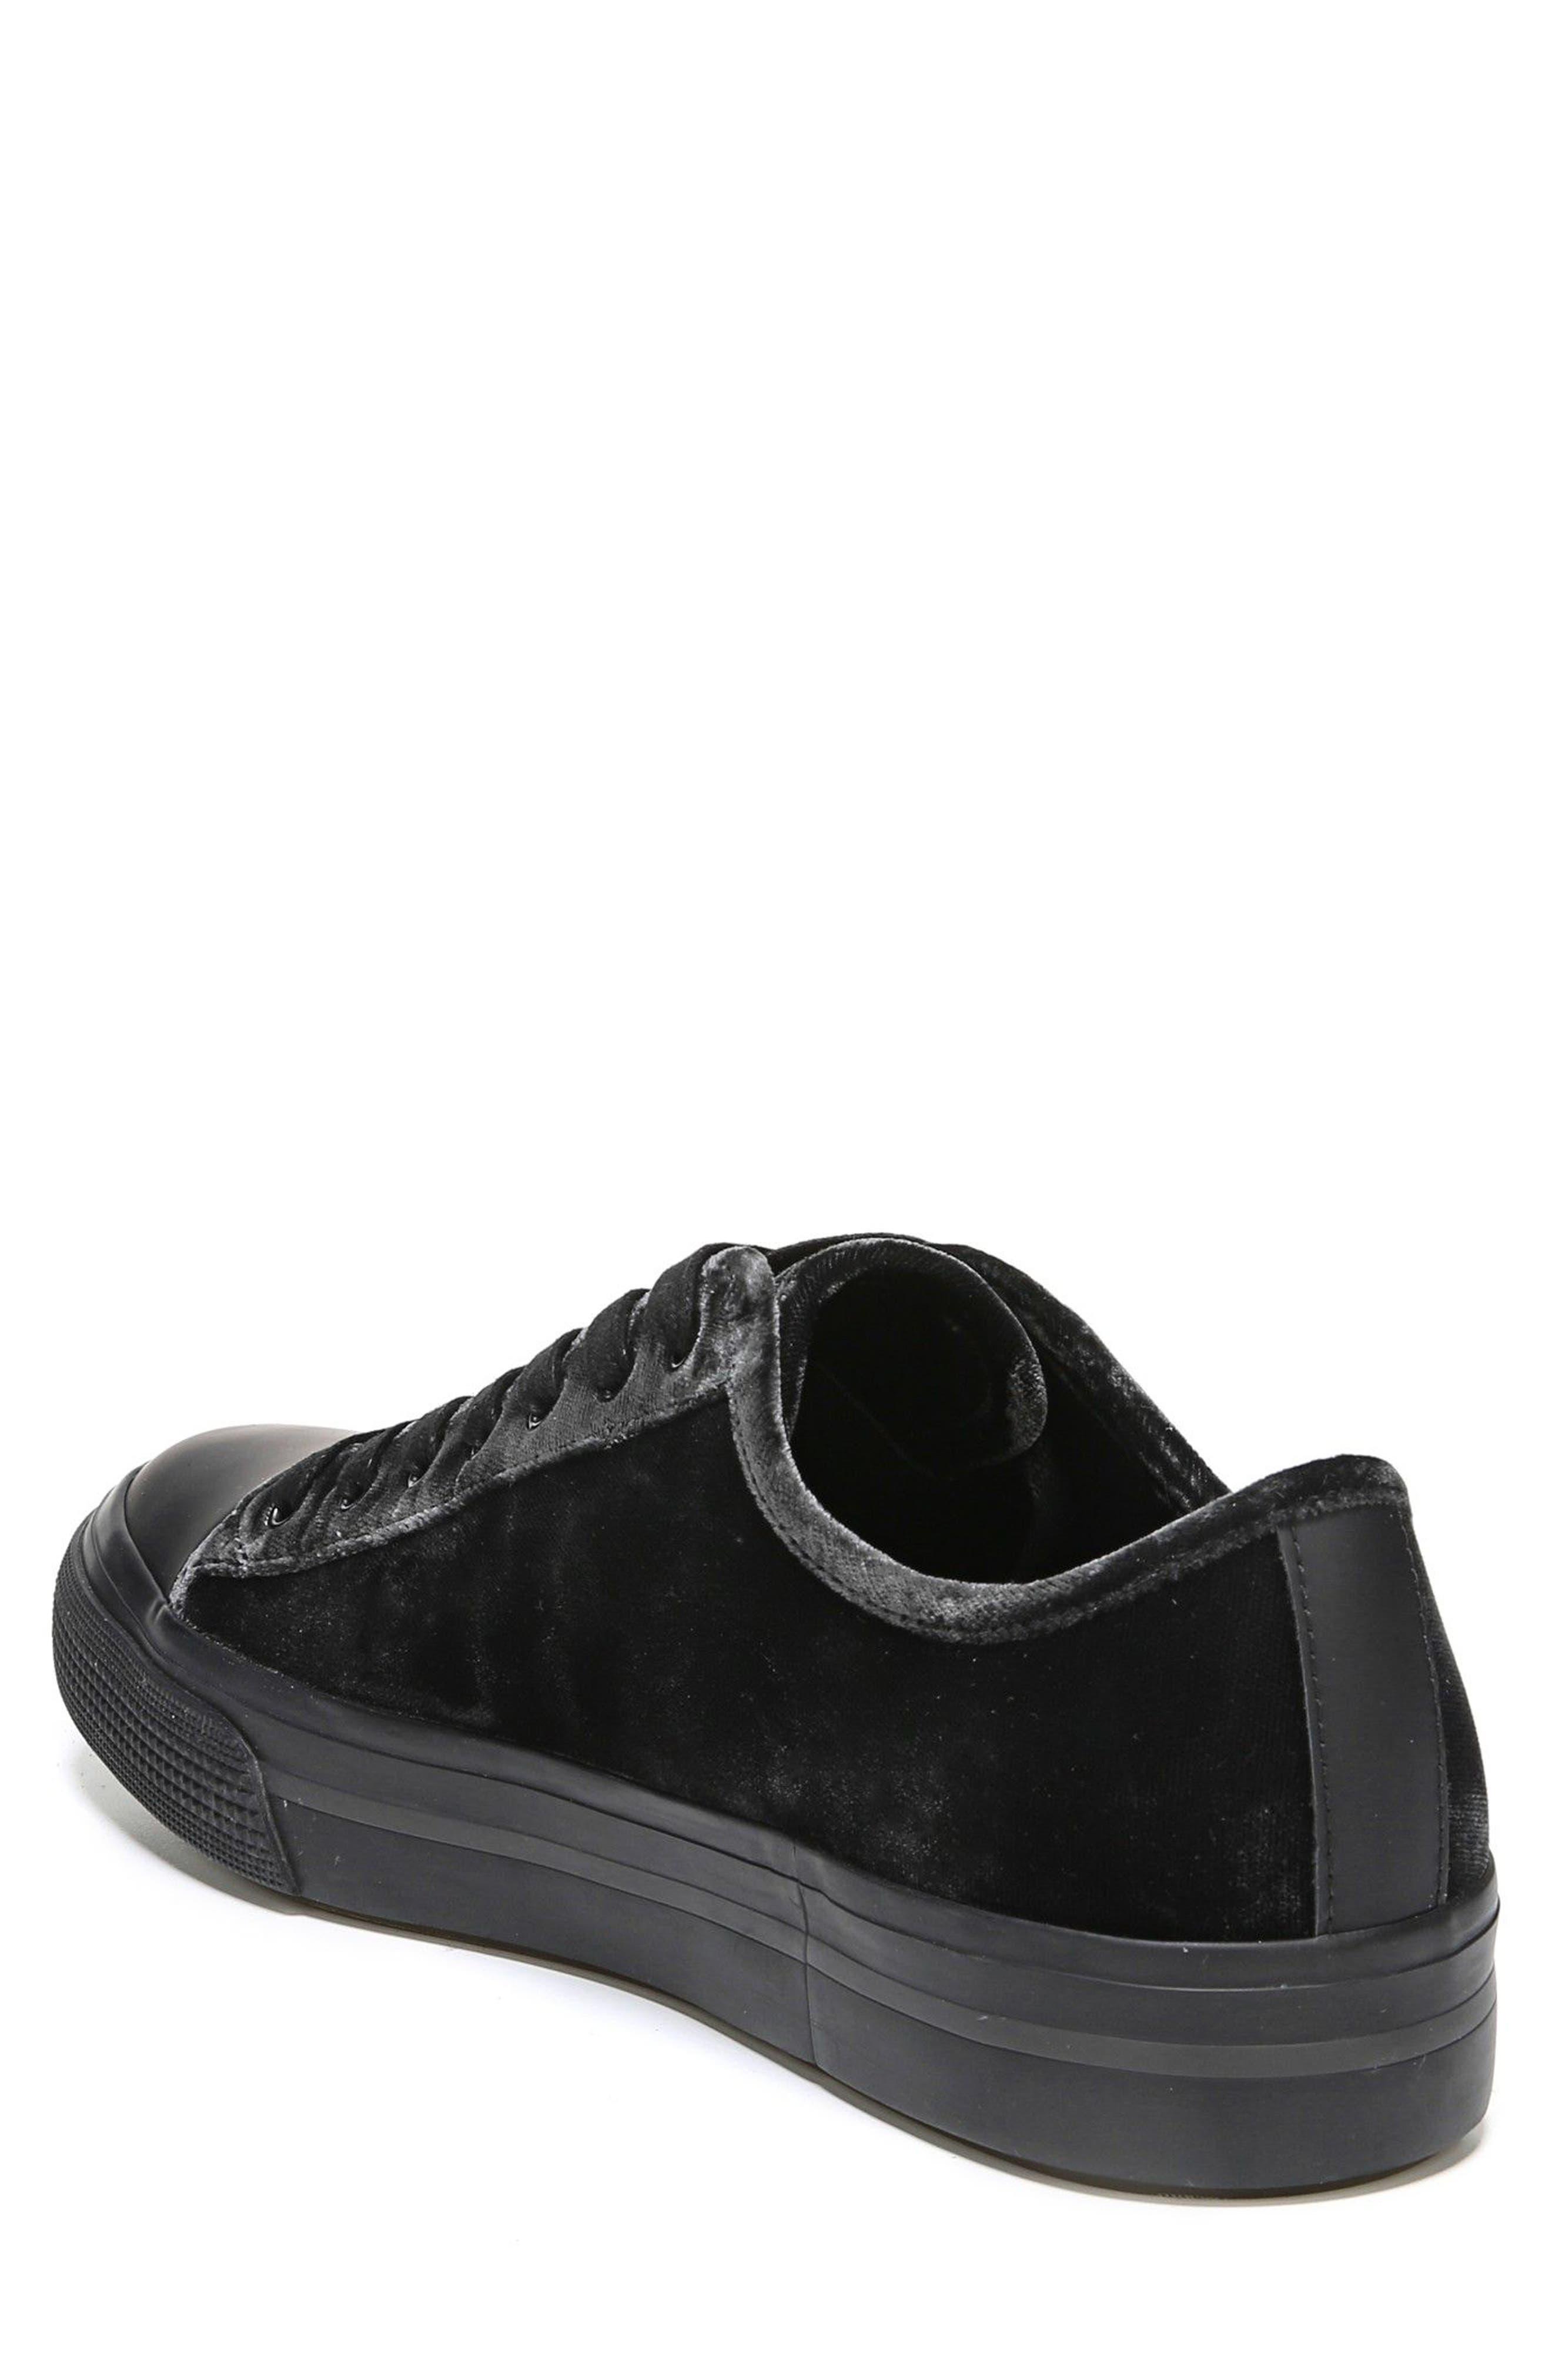 Tiller Sneaker,                             Alternate thumbnail 2, color,                             Graphite/ Black